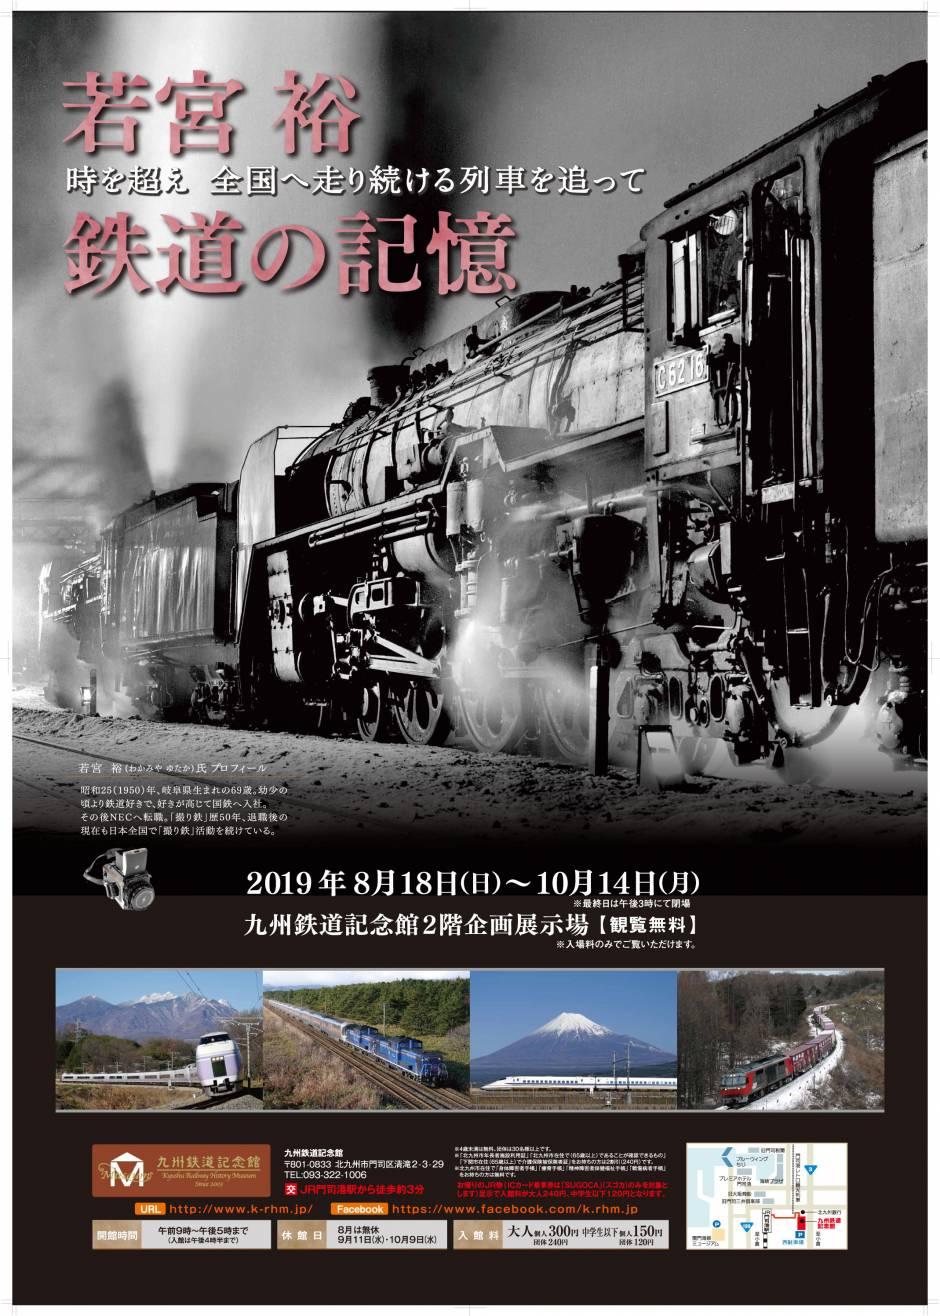 企画展「若宮 裕 鉄道の記憶」開催